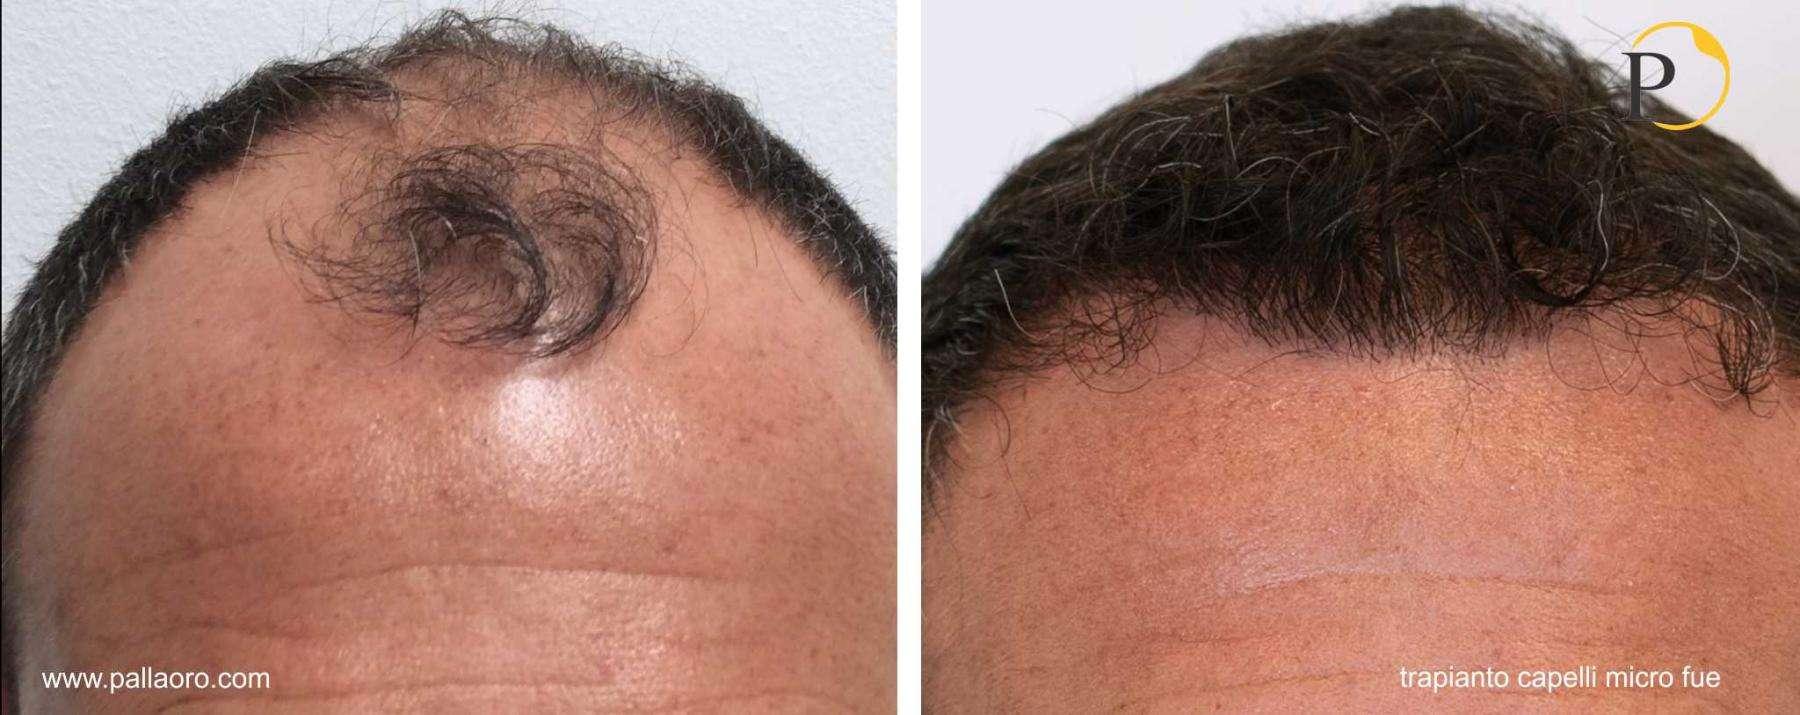 trapianto capelli 20-002-b